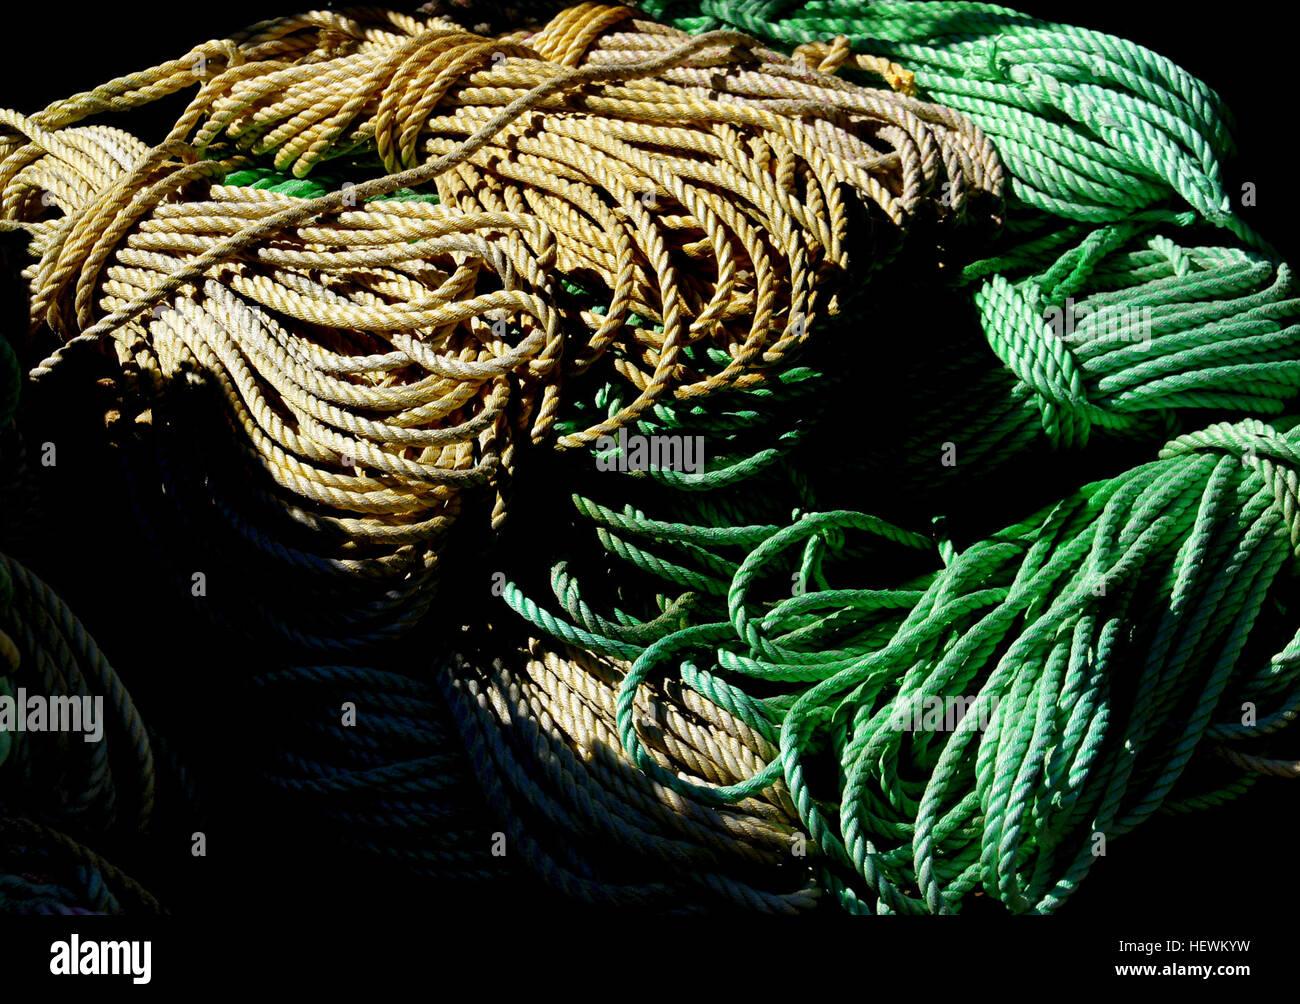 Tamron 18 270mm Pzd Stockfotos & Tamron 18 270mm Pzd Bilder - Alamy